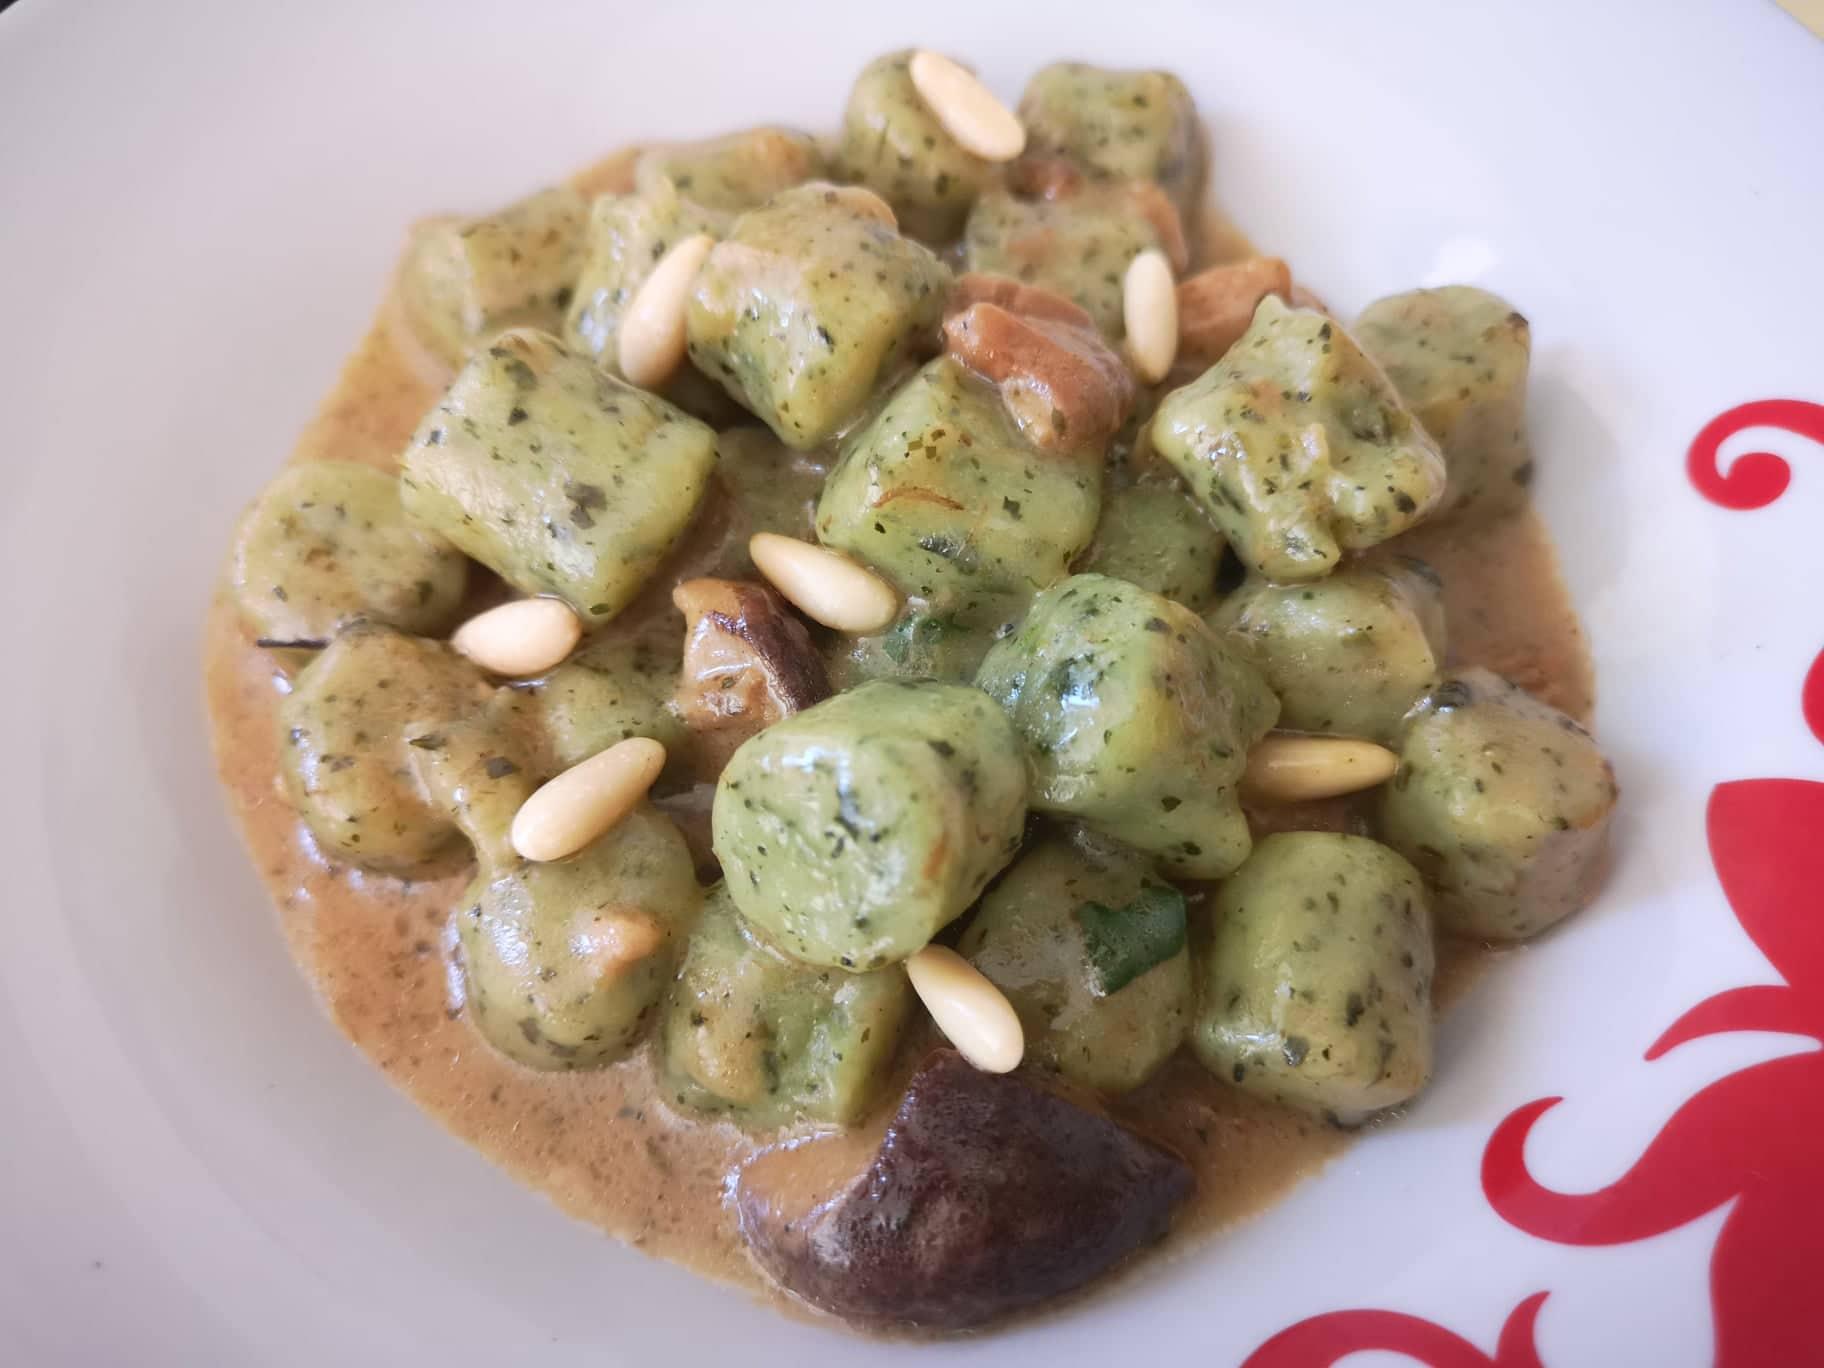 Gnocchi di patate agli spinaci con sugo ai funghi porcini e pinoli